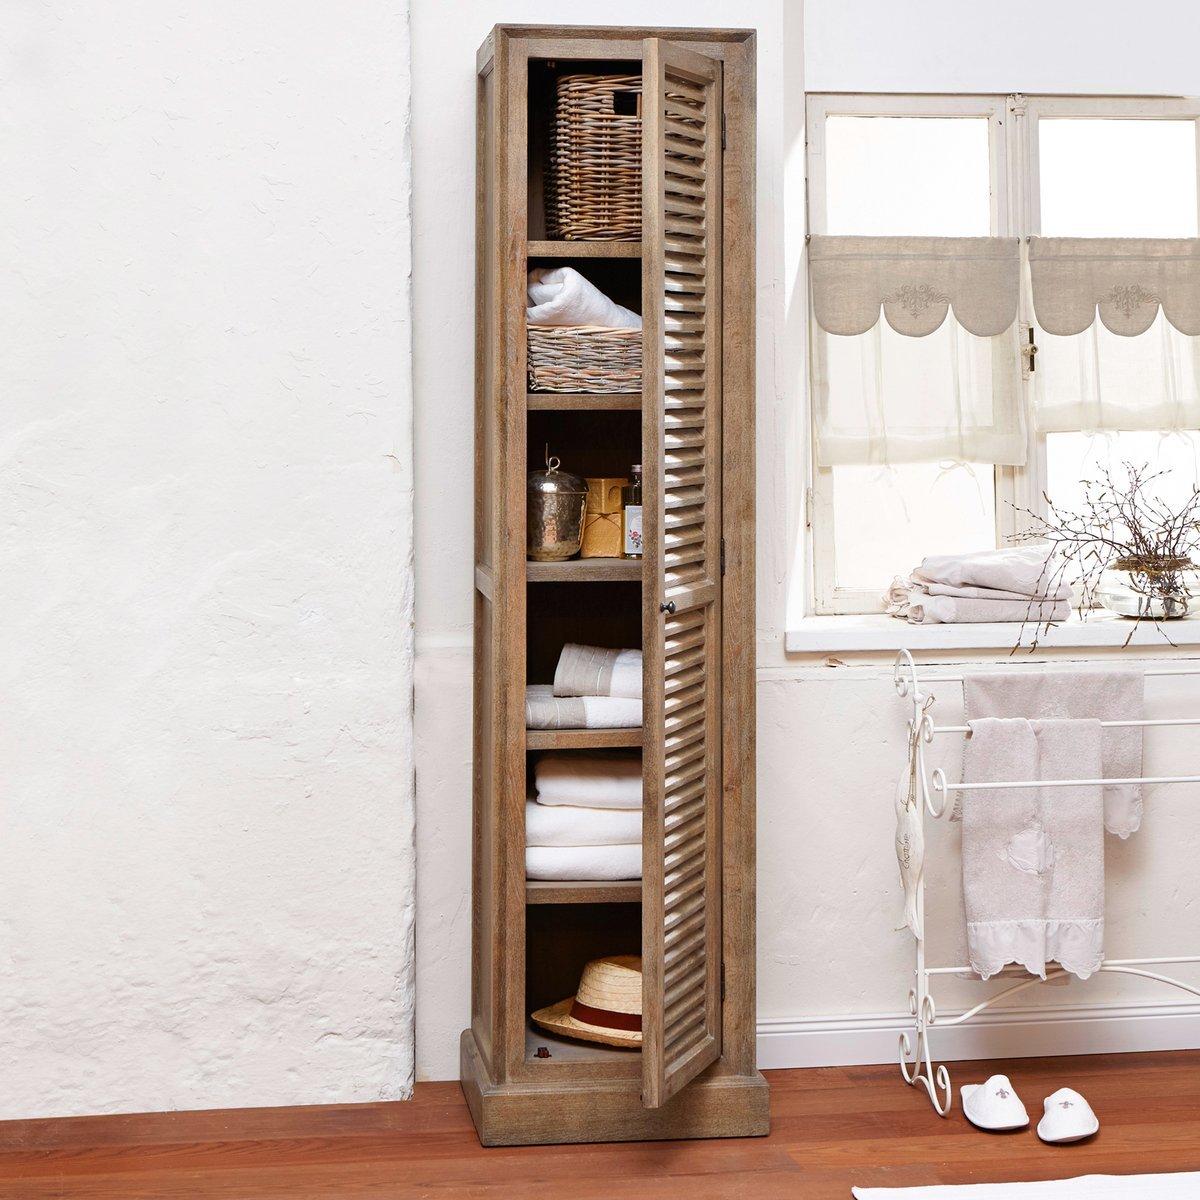 Mirabeau badezimmerschrank issambres aus eichenholz - Design badezimmerschrank ...